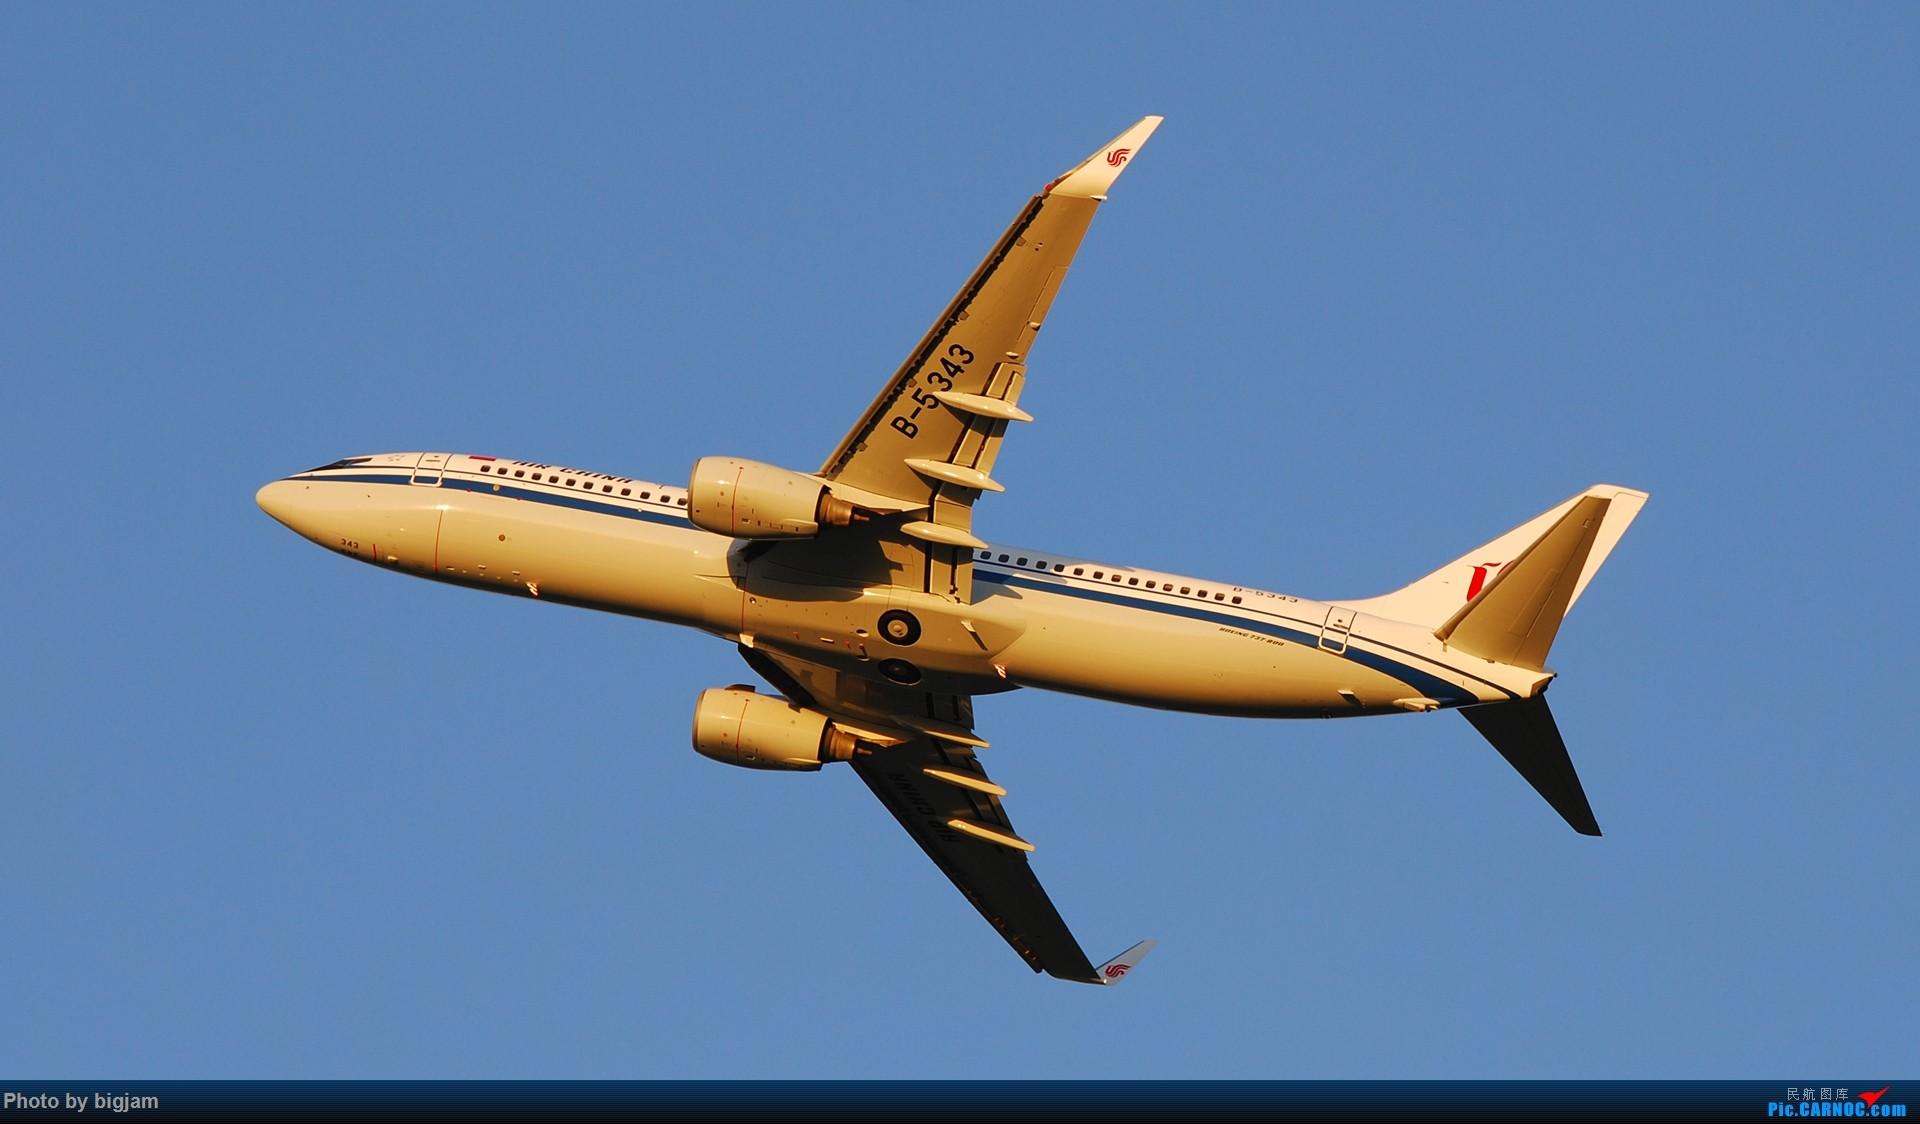 Re:[原创]刚升级到B737级 那就发点拍过的B737吧 BOEING 737-800 B-5343 中国北京首都国际机场